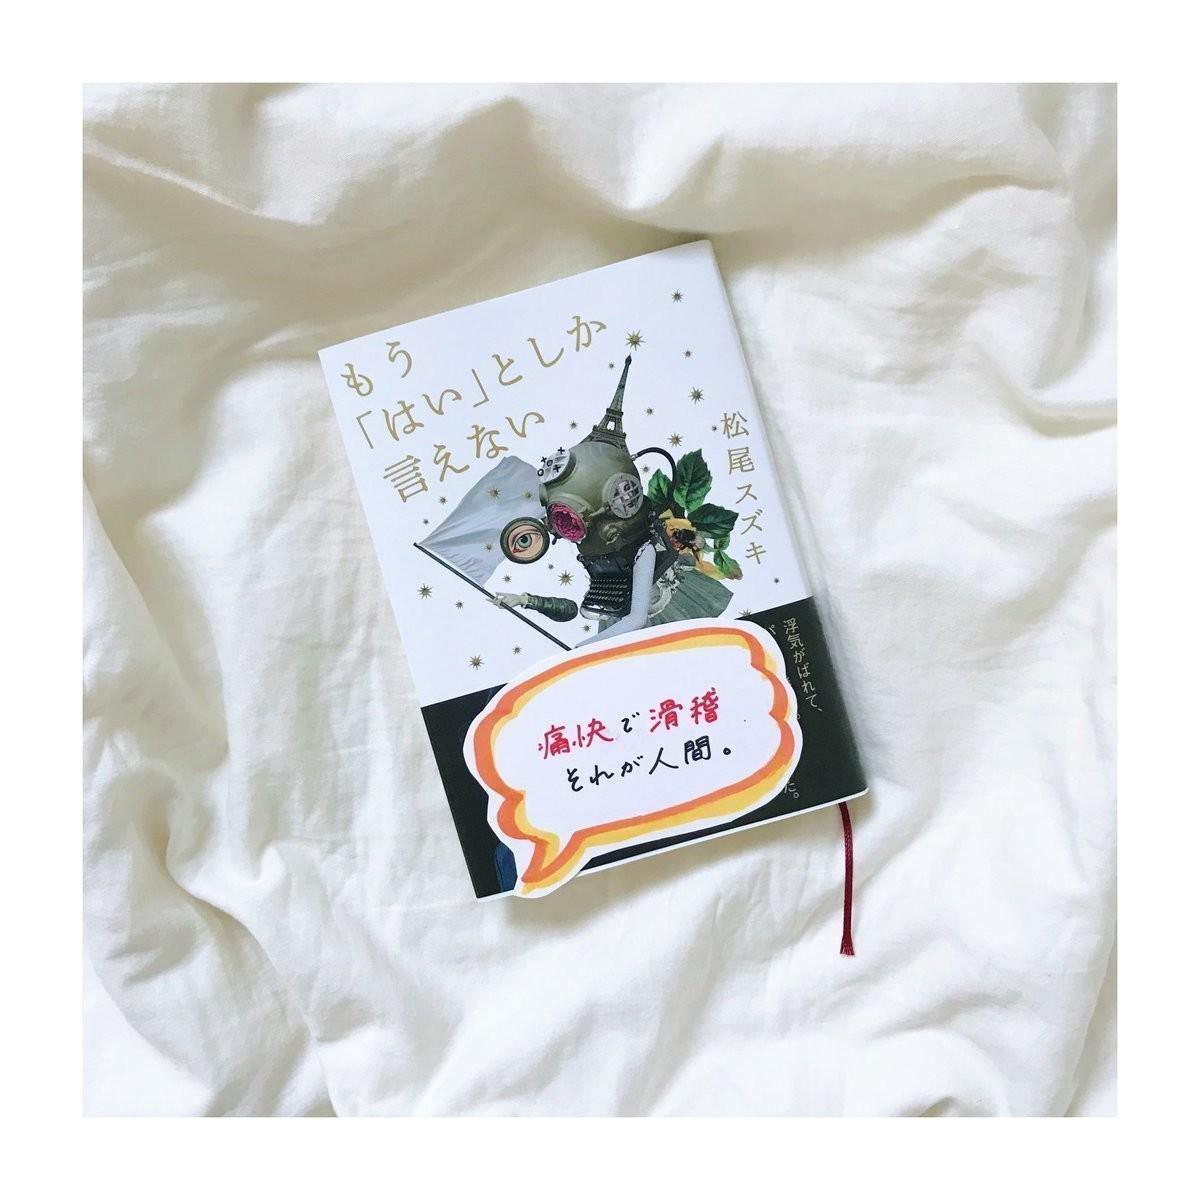 『もう「はい」としか言えない』松尾スズキ 読破📚  浮気がばれて、パリに逃げた。 男を待ち受ける悪夢とは??  痛快で大胆な展開。 深く考えずに頭を空っぽにして読める風のような本です😊一転 『神様ノイローゼ』では、少年期の歯がゆさや自我を描いていて心地よい二重奏でした✨